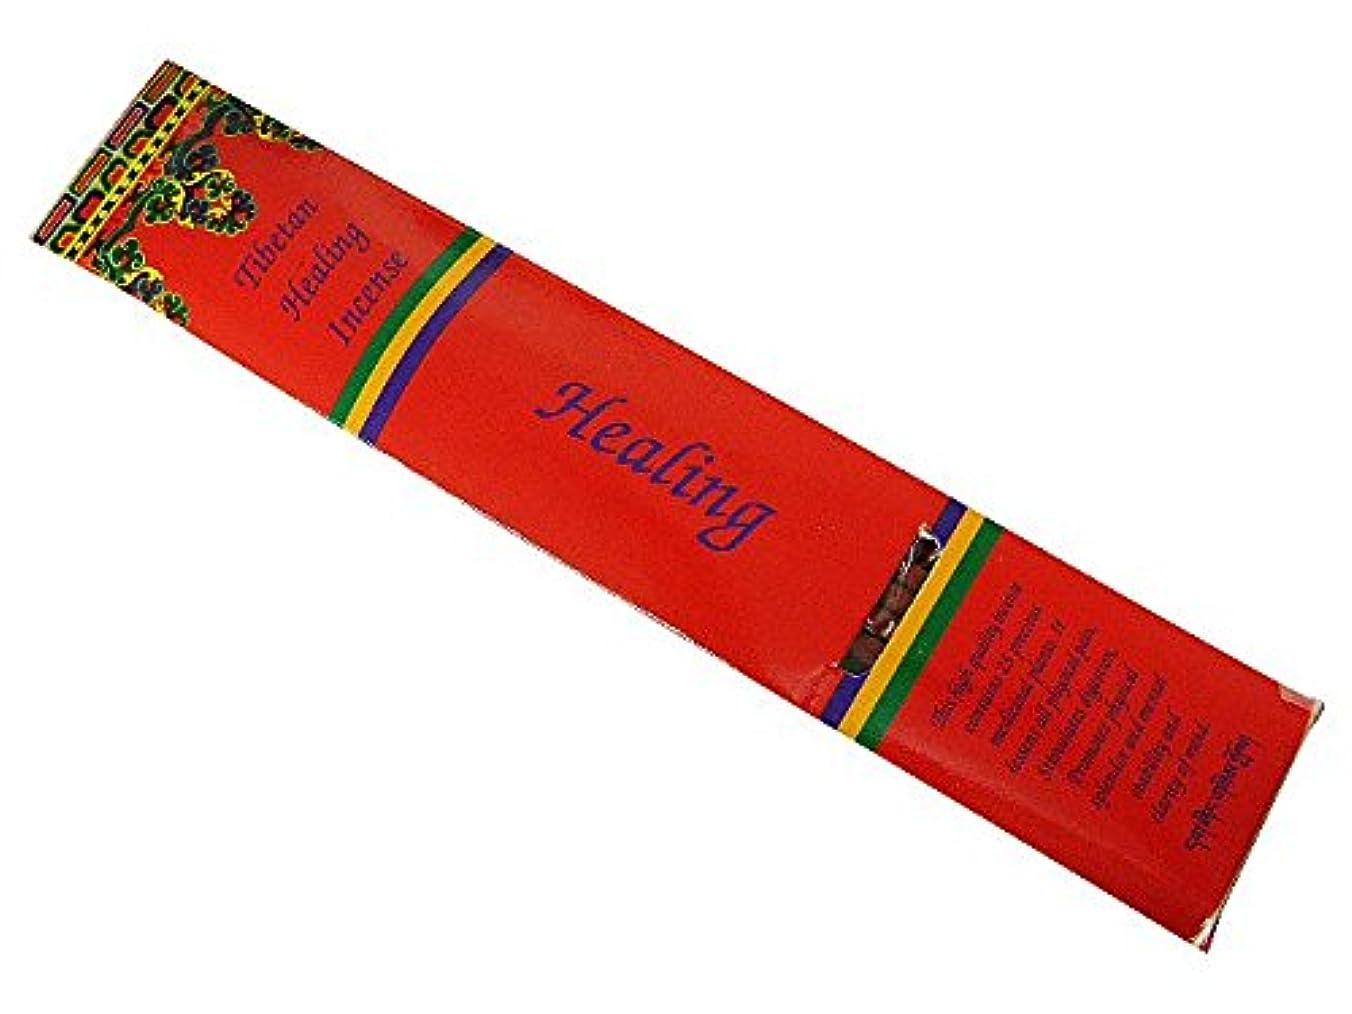 圧倒的連合ソケットカチュガキリン チベット仏教尼寺院コパンアニゴンパ「カチュガキリン」のお香【FLAT HEALING】